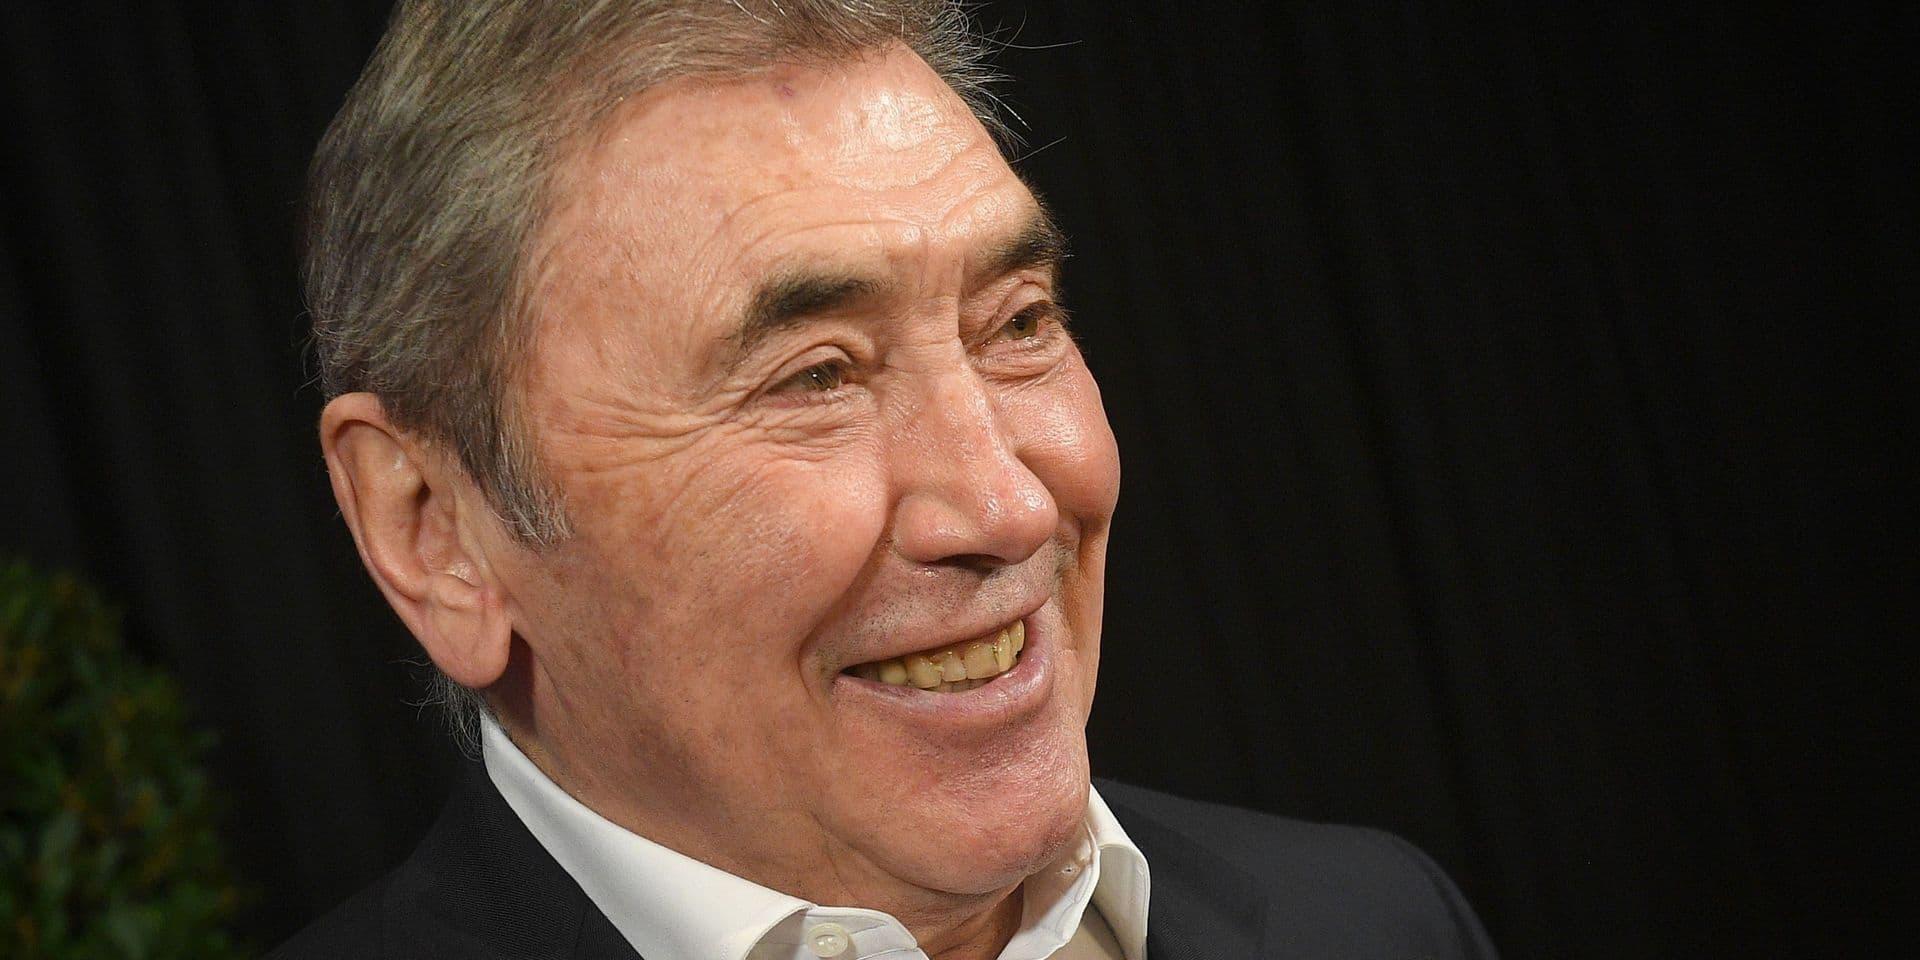 """""""Cette défaite, ils l'ont bien cherchée"""" : Eddy Merckx commente le chrono fatidique du Tour de France"""